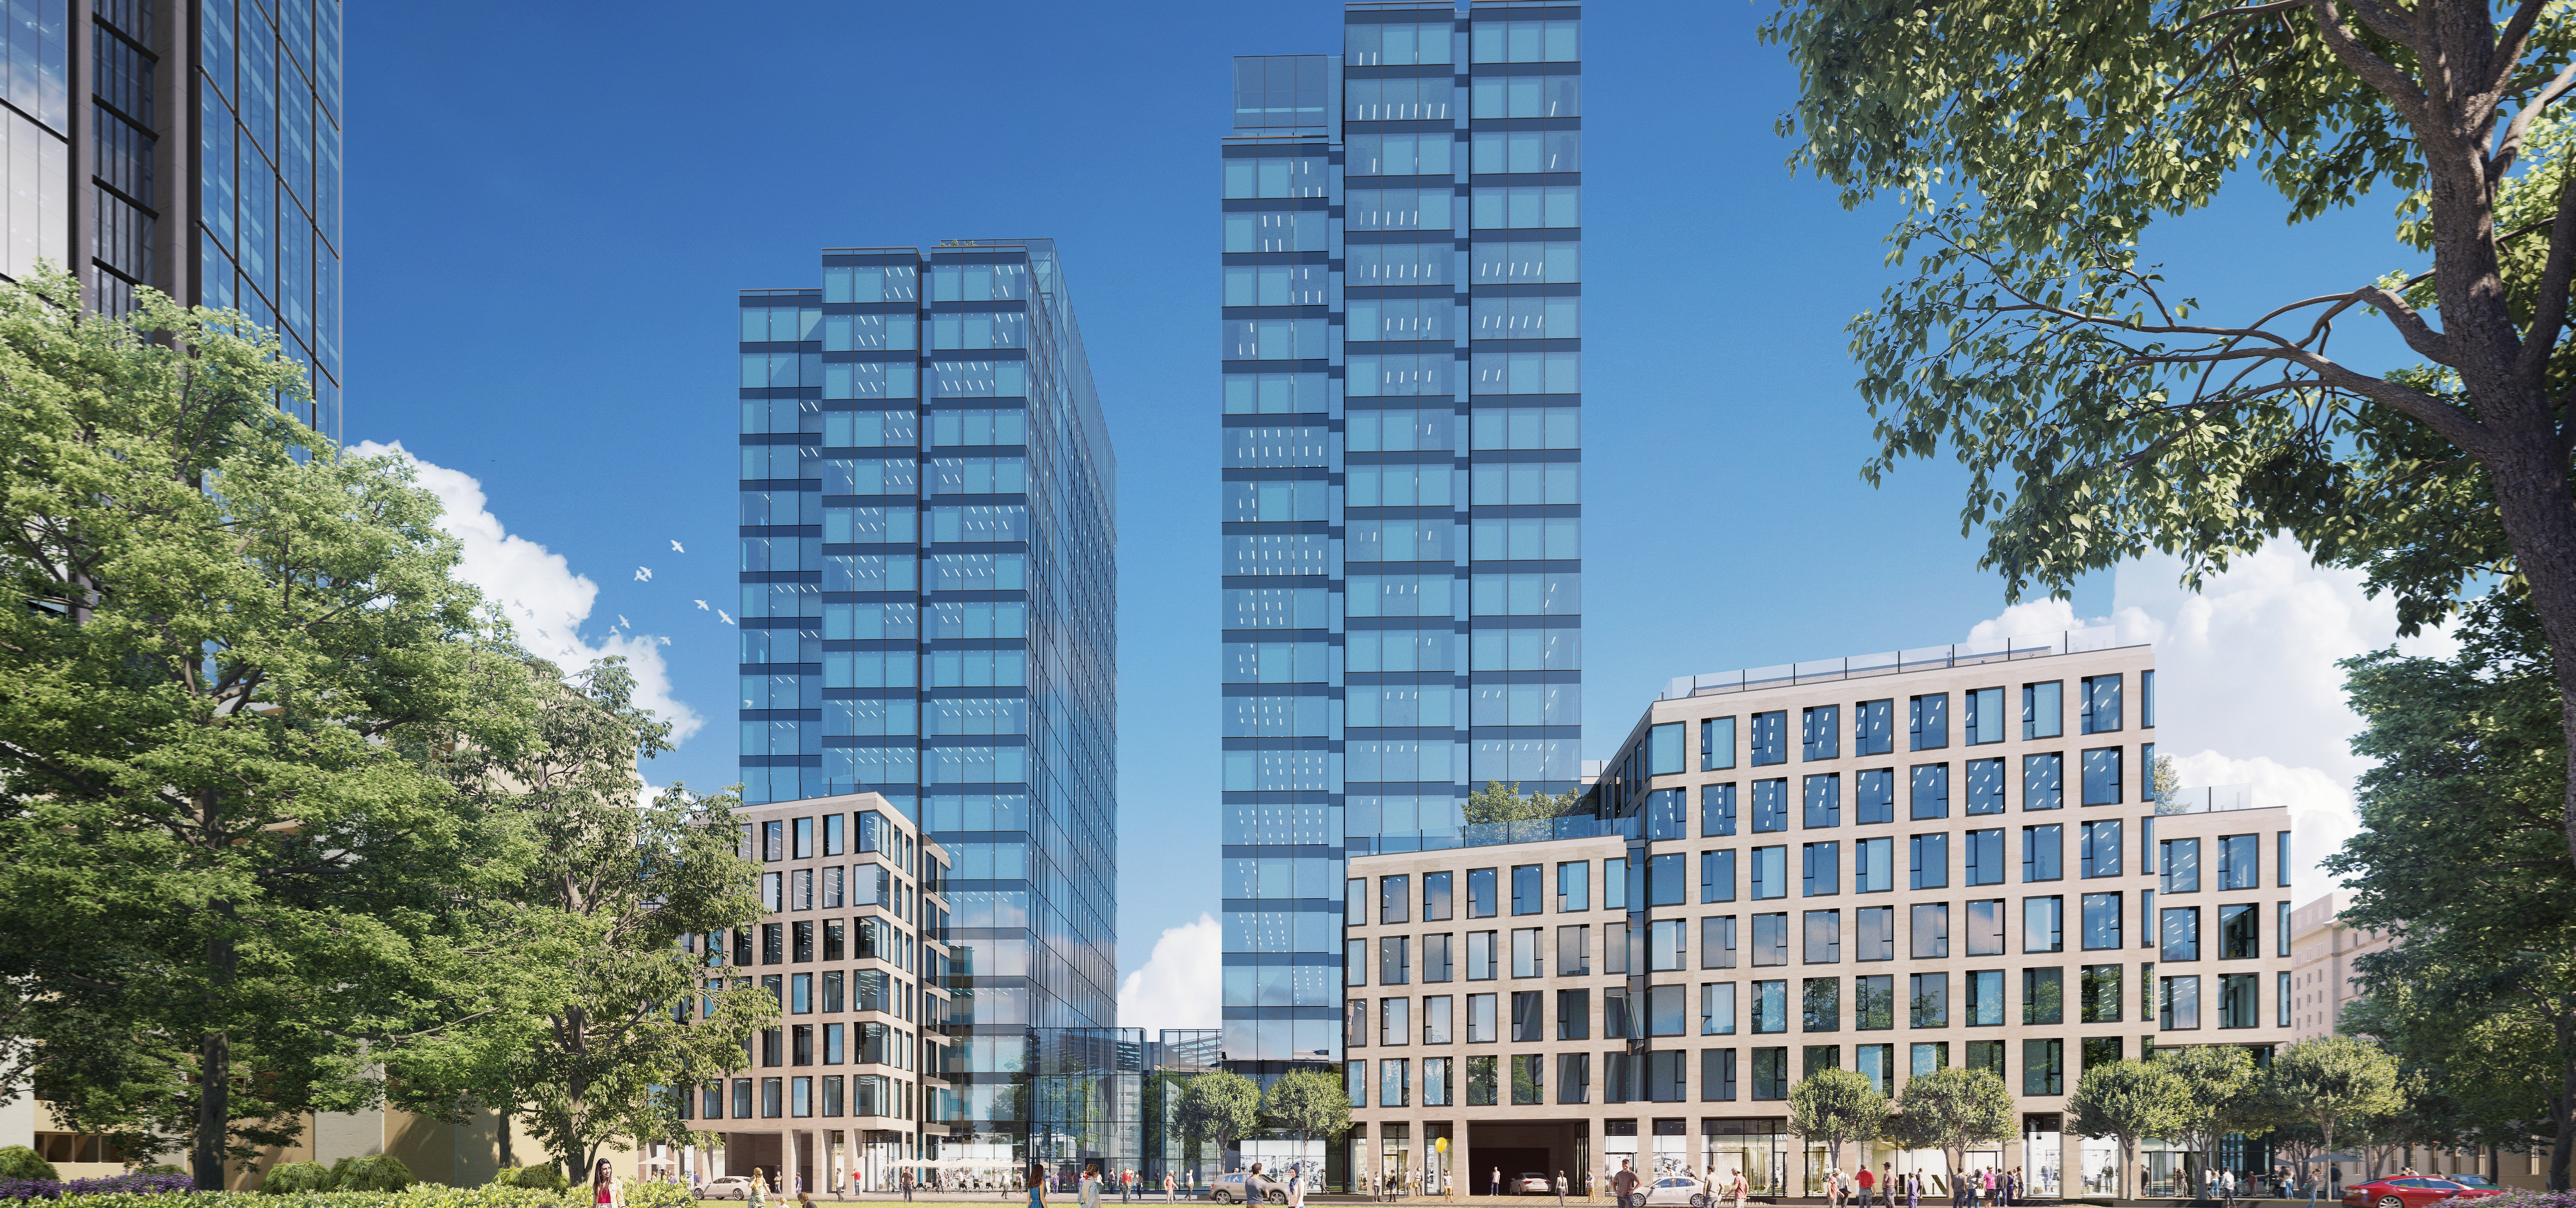 Środkowy budynek Varso Place wynajęty w 85%